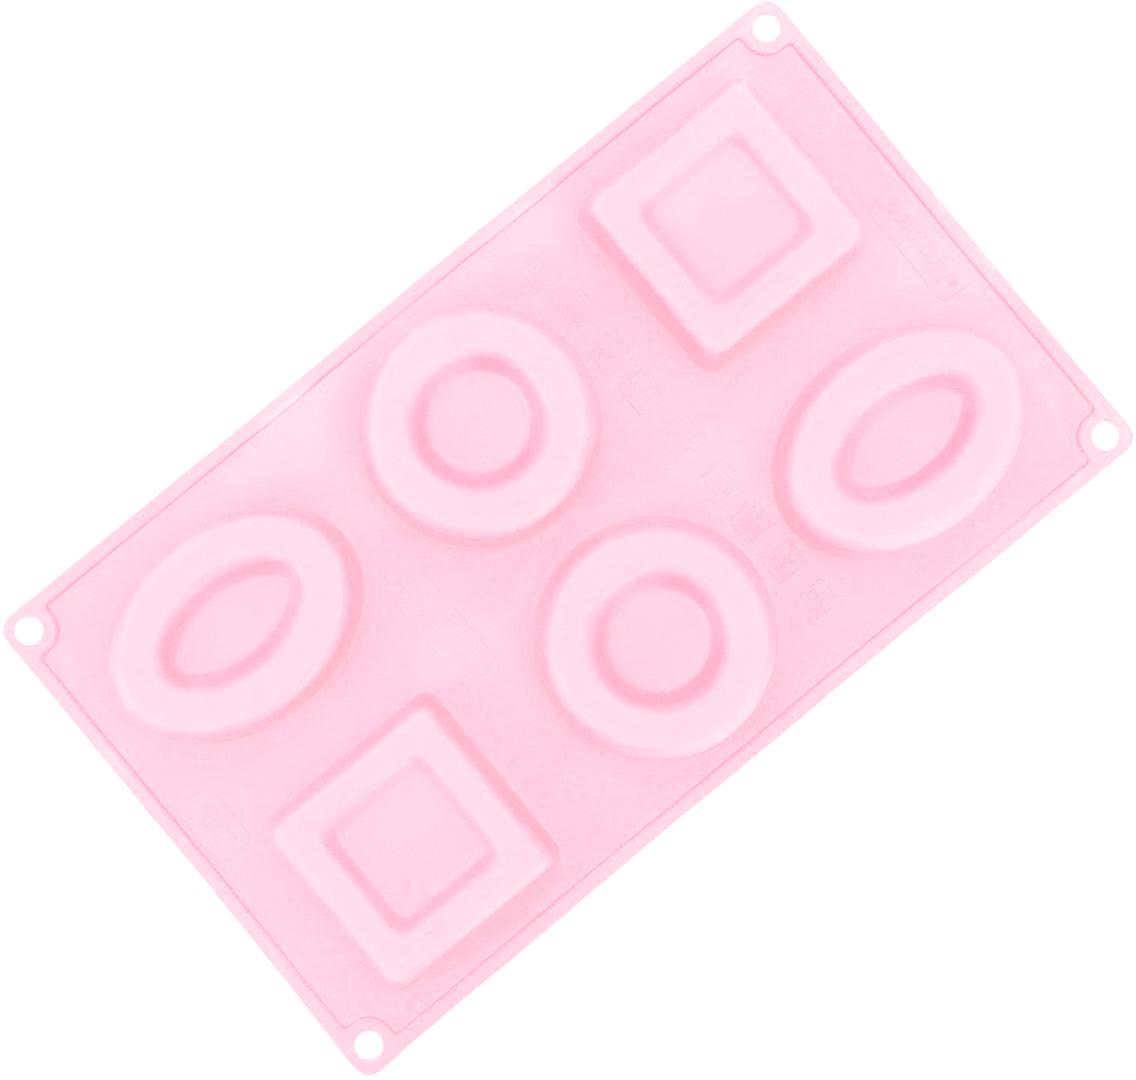 Форма для выпечки Доляна Рамочки, цвет: розовый, 6 ячеек, 30 х 17,5 х 2,5 см2854664_розовыйОт качества посуды зависит не только вкус еды, но и здоровье человека. Форма для выпечки— товар, соответствующий российским стандартам качества. Любой хозяйке будет приятно держать его в руках. С нашей посудой и кухонной утварью приготовление еды и сервировка стола превратятся в настоящий праздник.